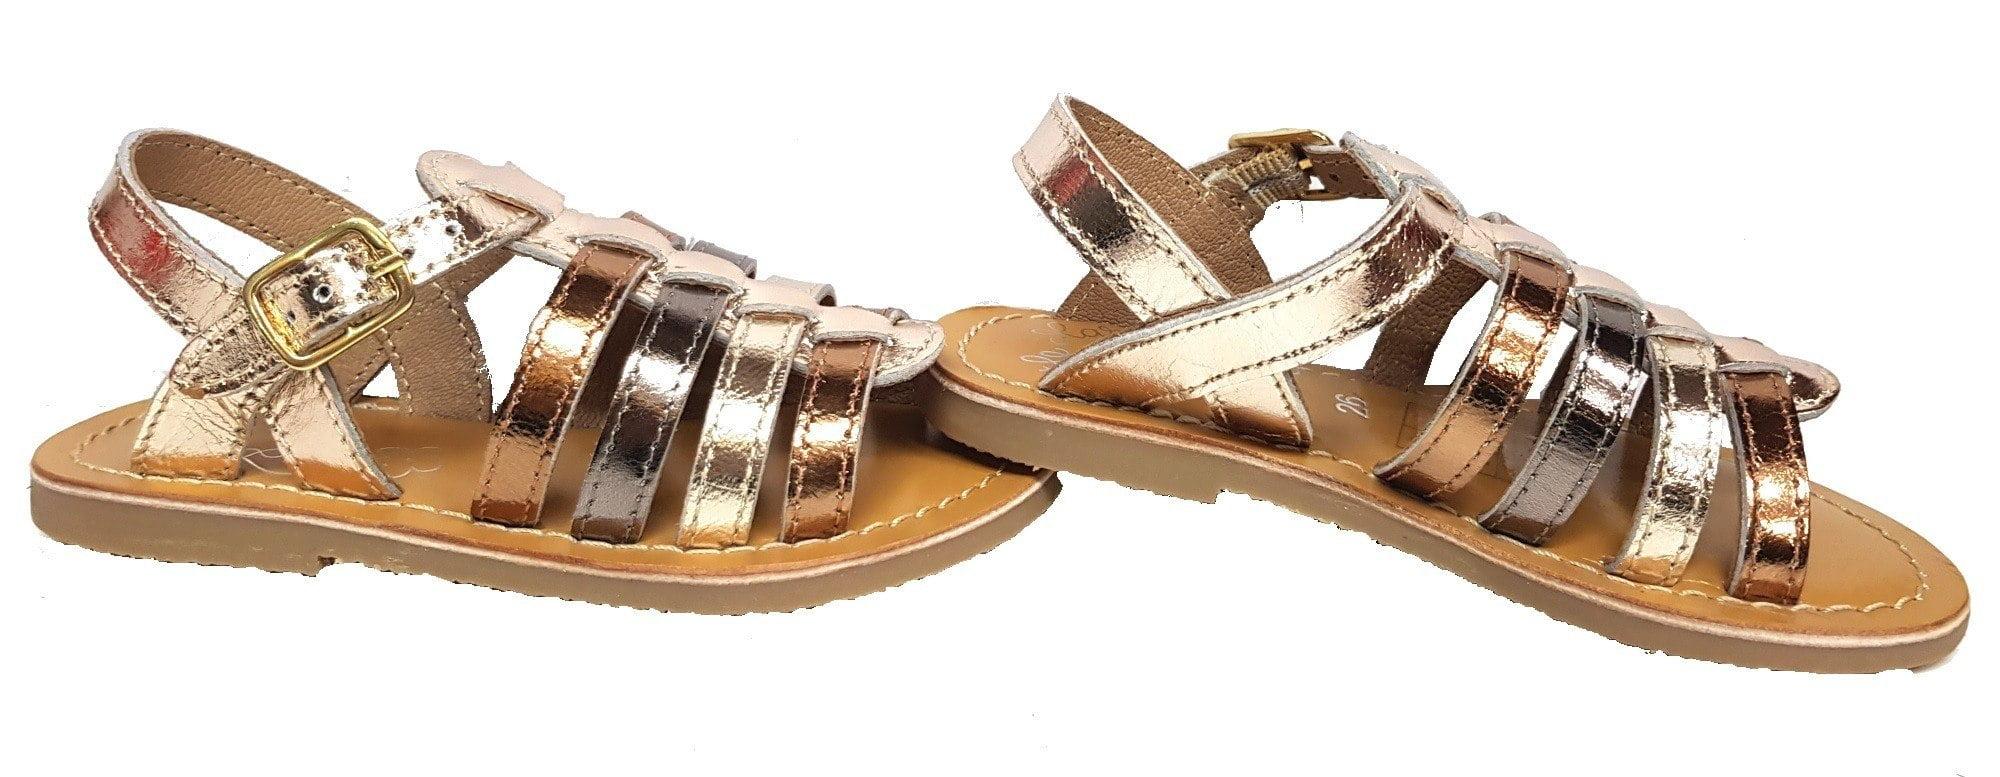 Barbade, nu-pied Little Mary à boucle et multi lanières en cuir métal bronze, or et cuivre